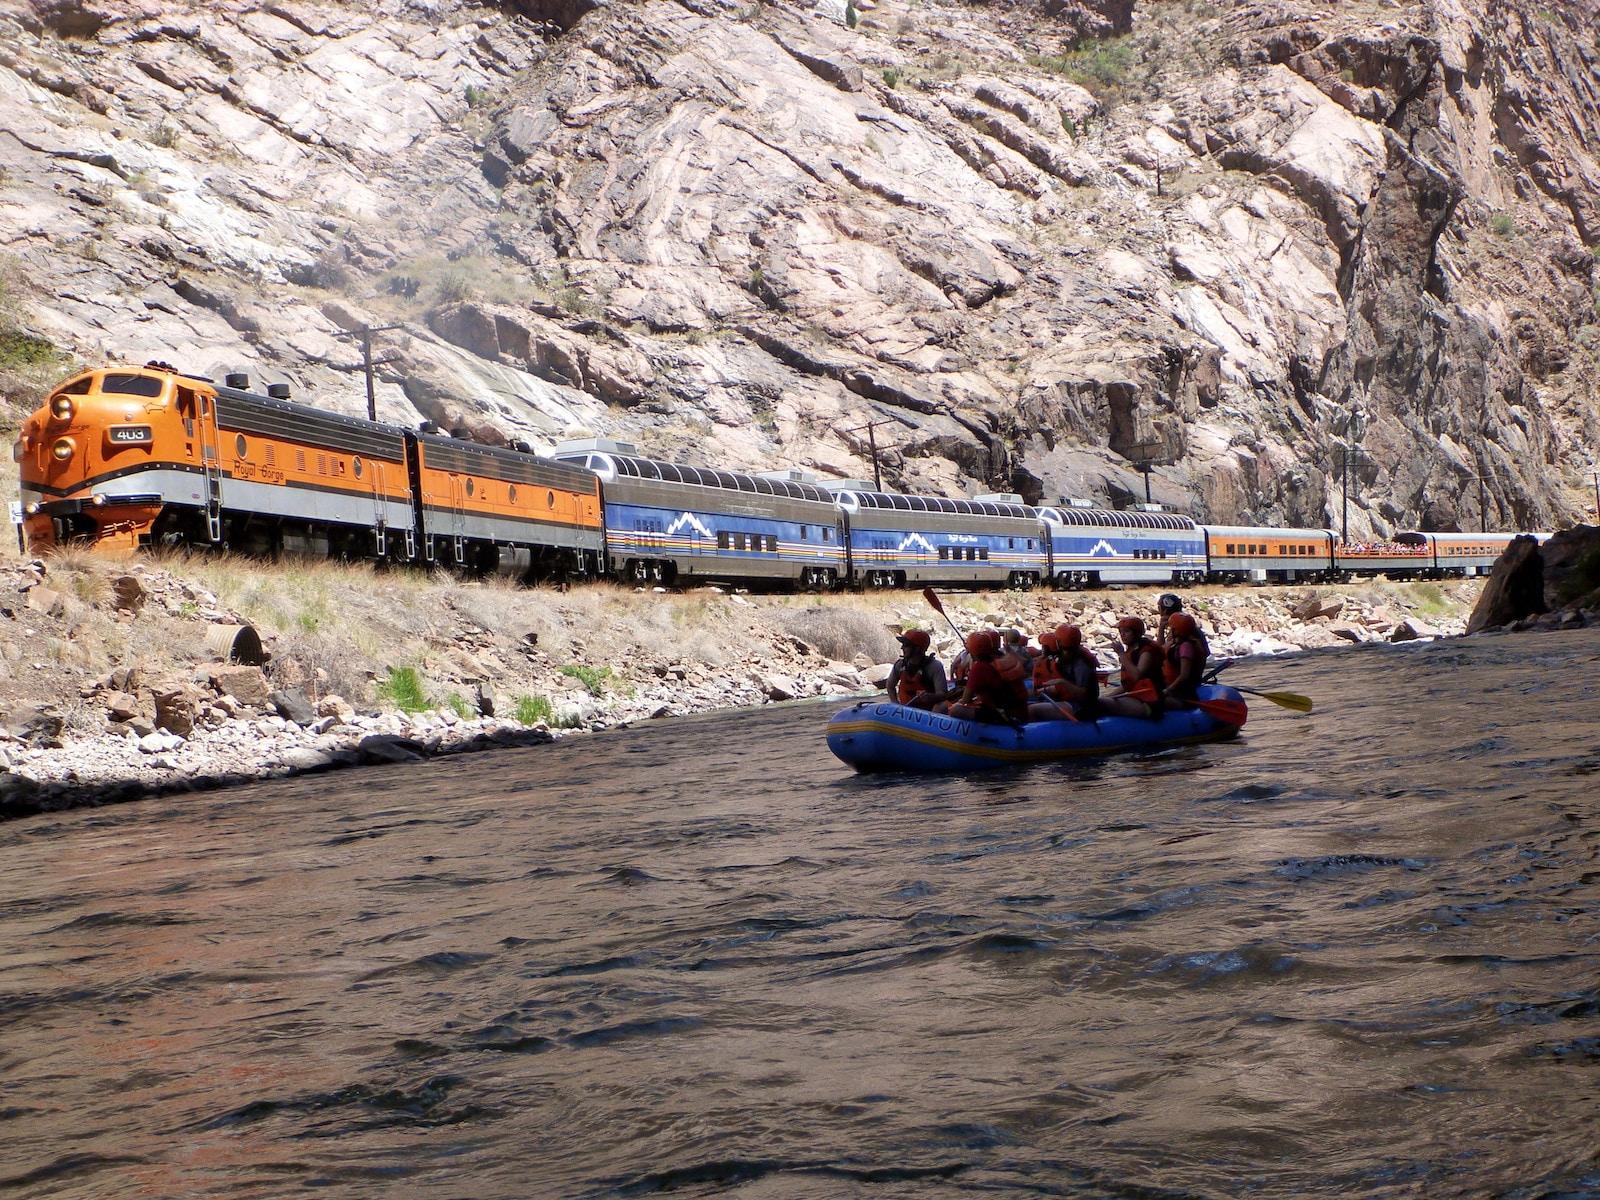 Rafting Arkansas River in Cañon City, Colorado